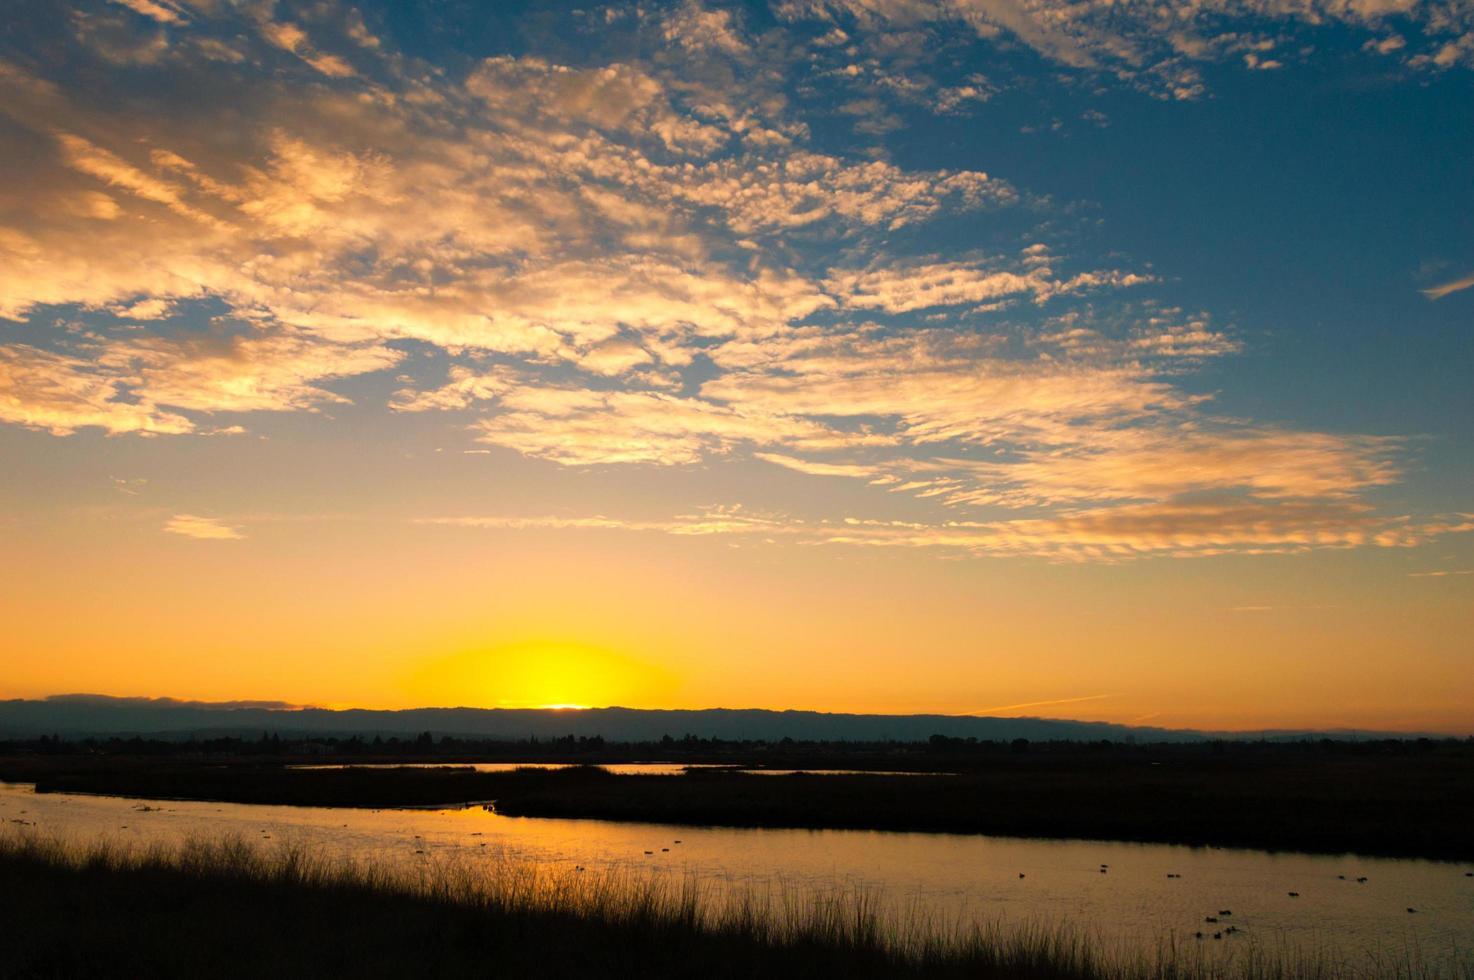 ciel coucher de soleil or avec des nuages photo